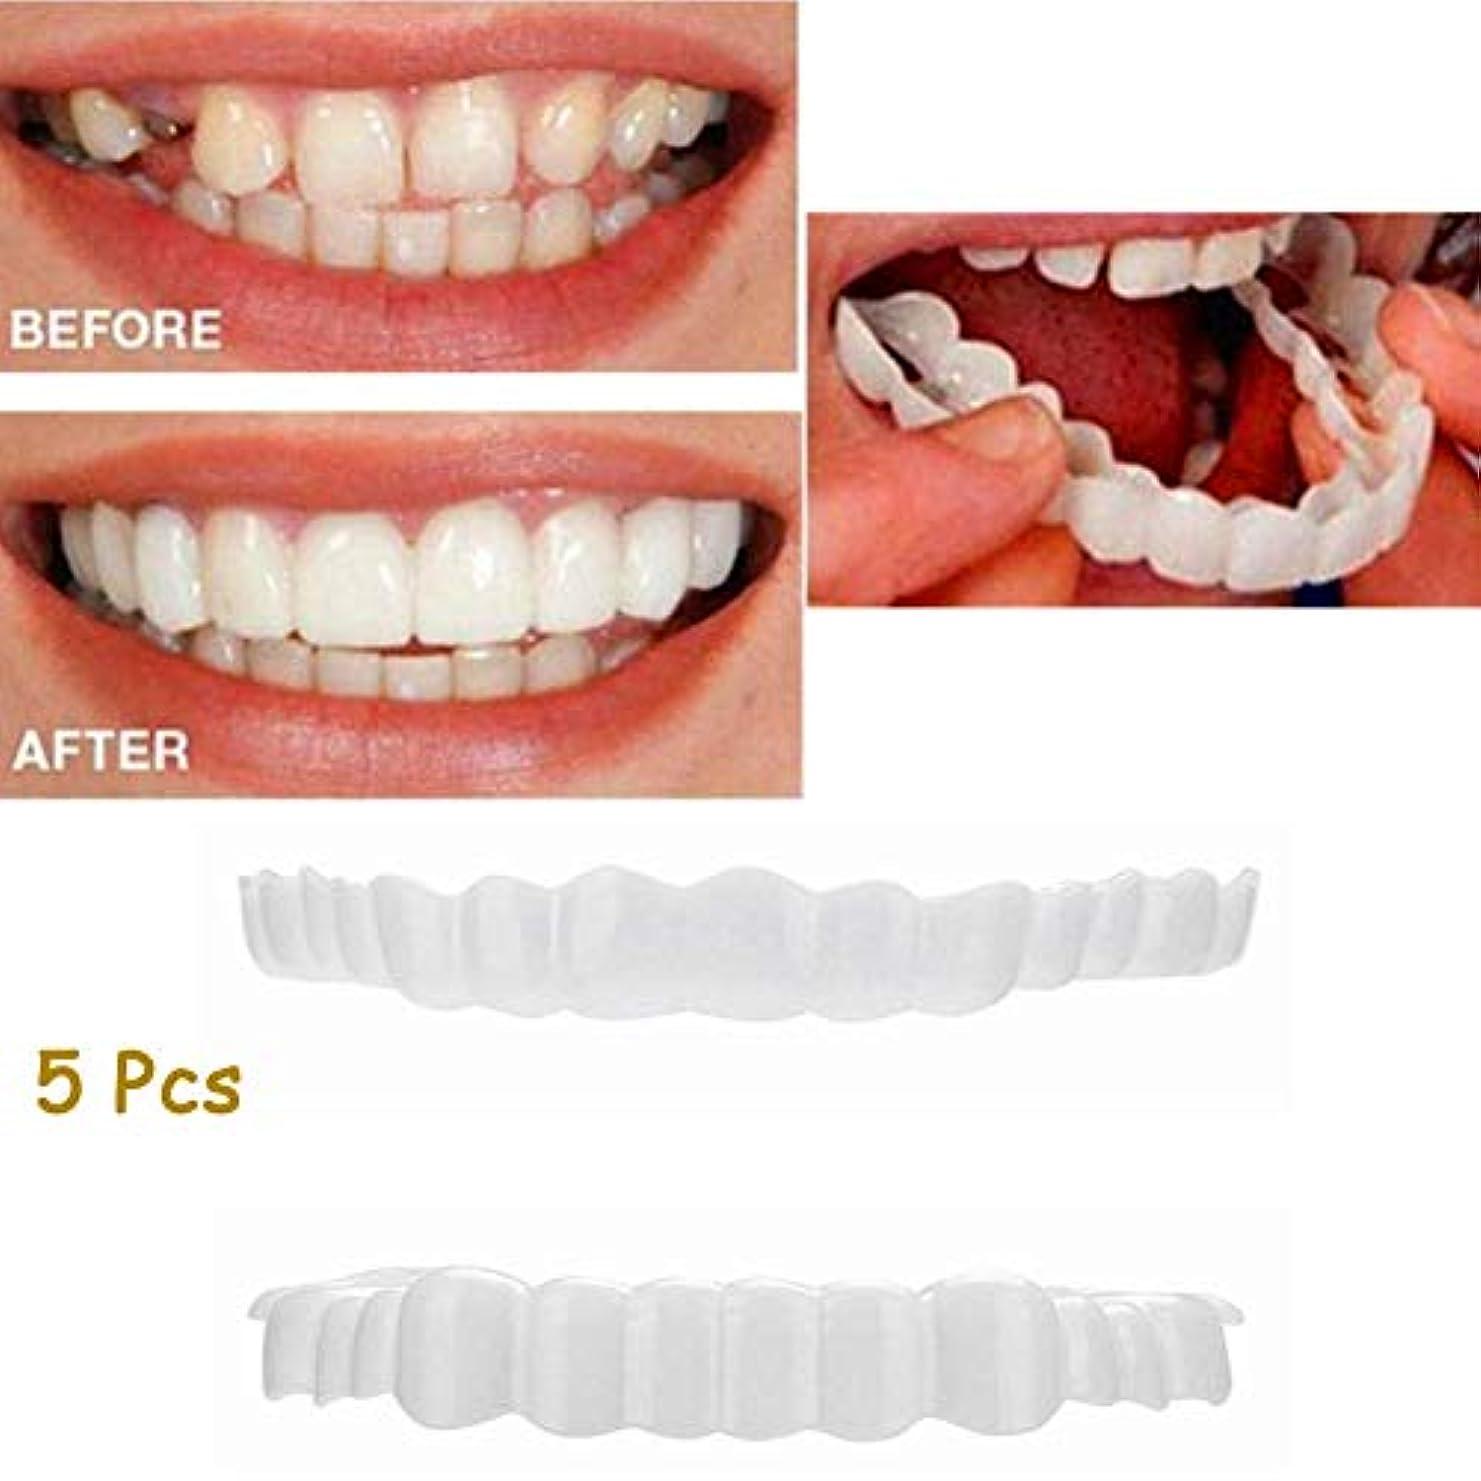 社員取り囲む同意する5本の上歯+下歯セット偽の歯を白くする完璧な化粧品の歯